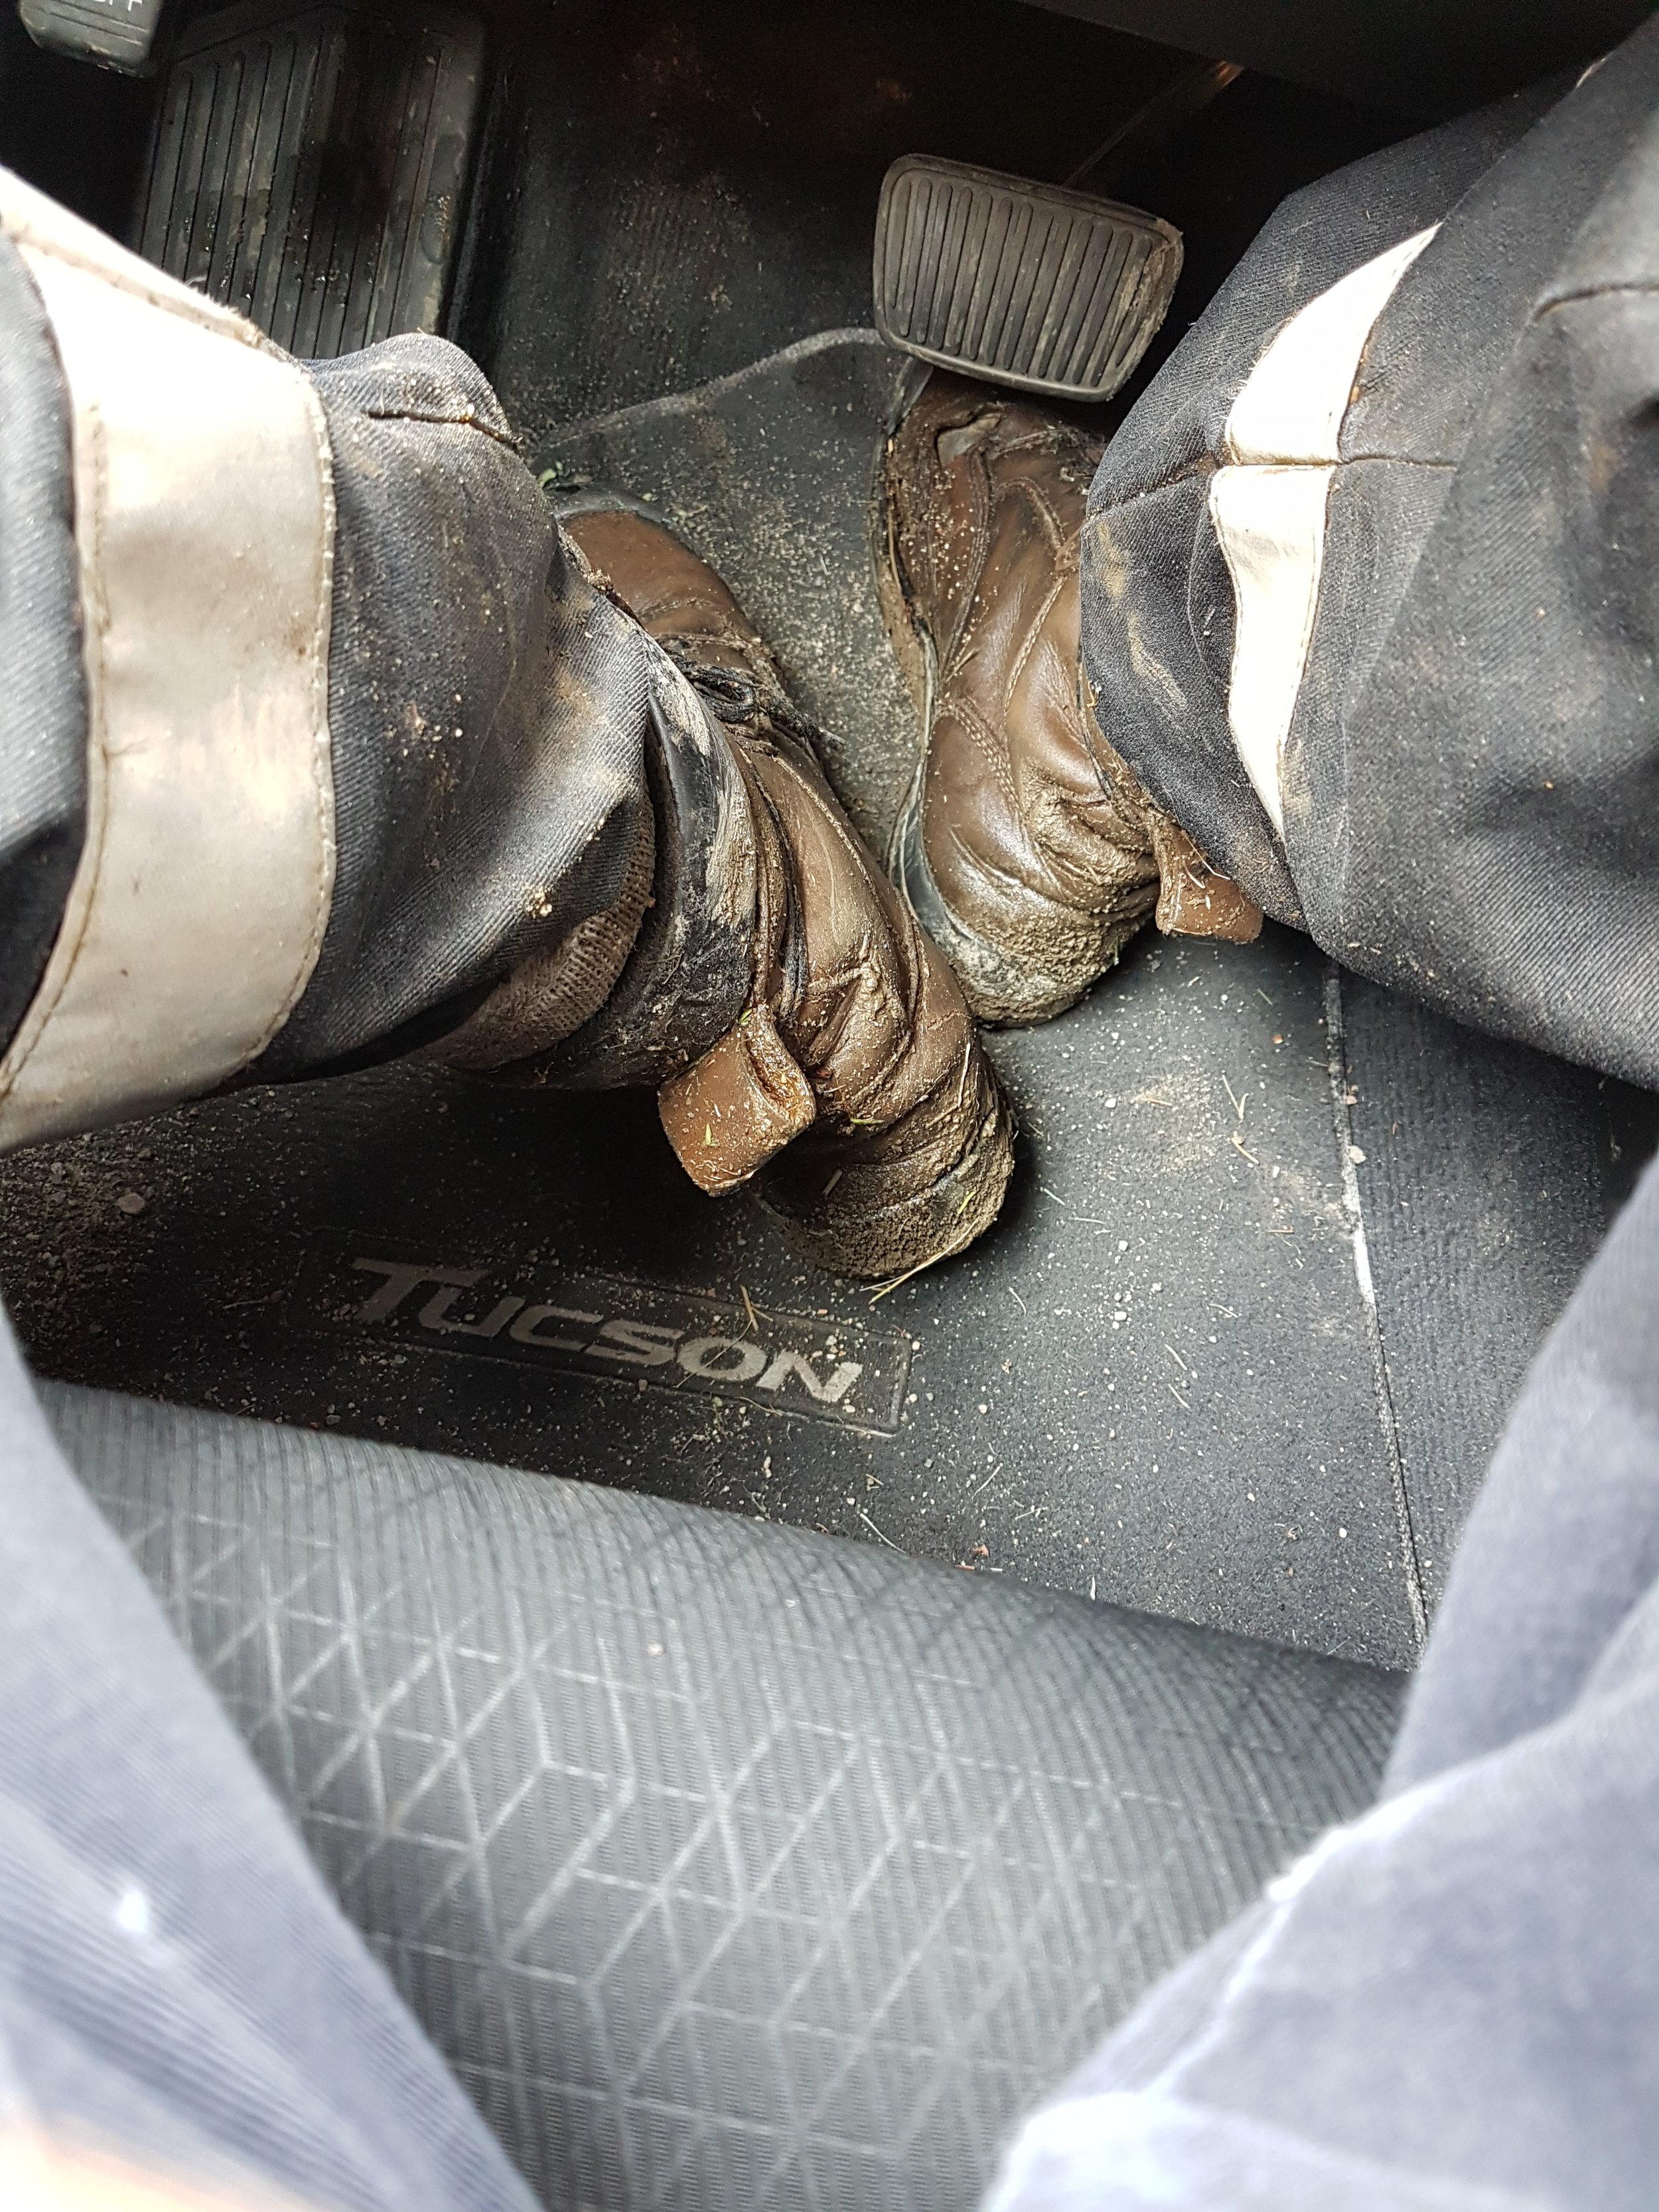 I hope you like wet socks.